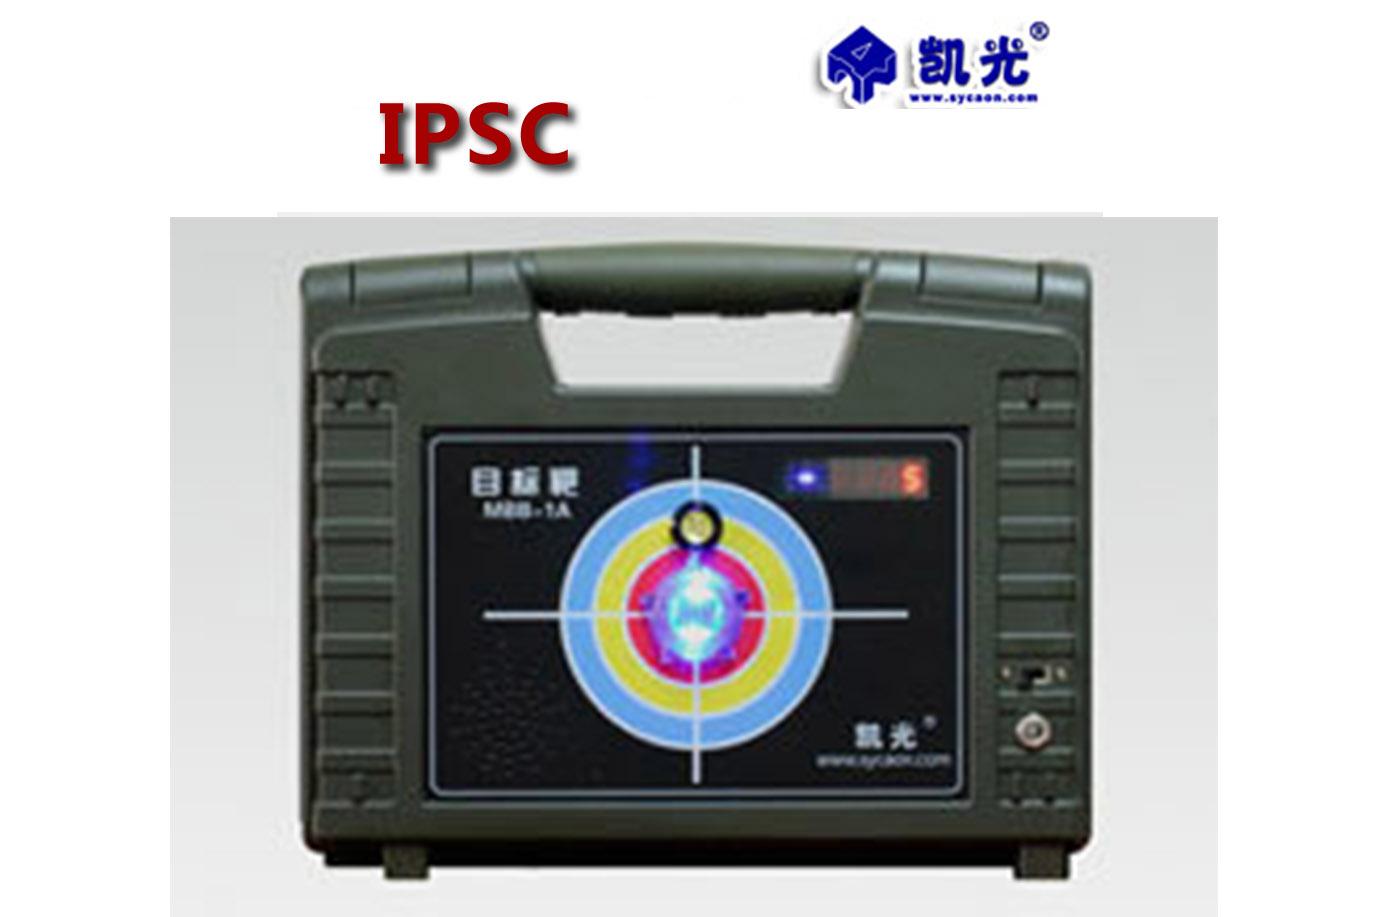 IPSC器材组